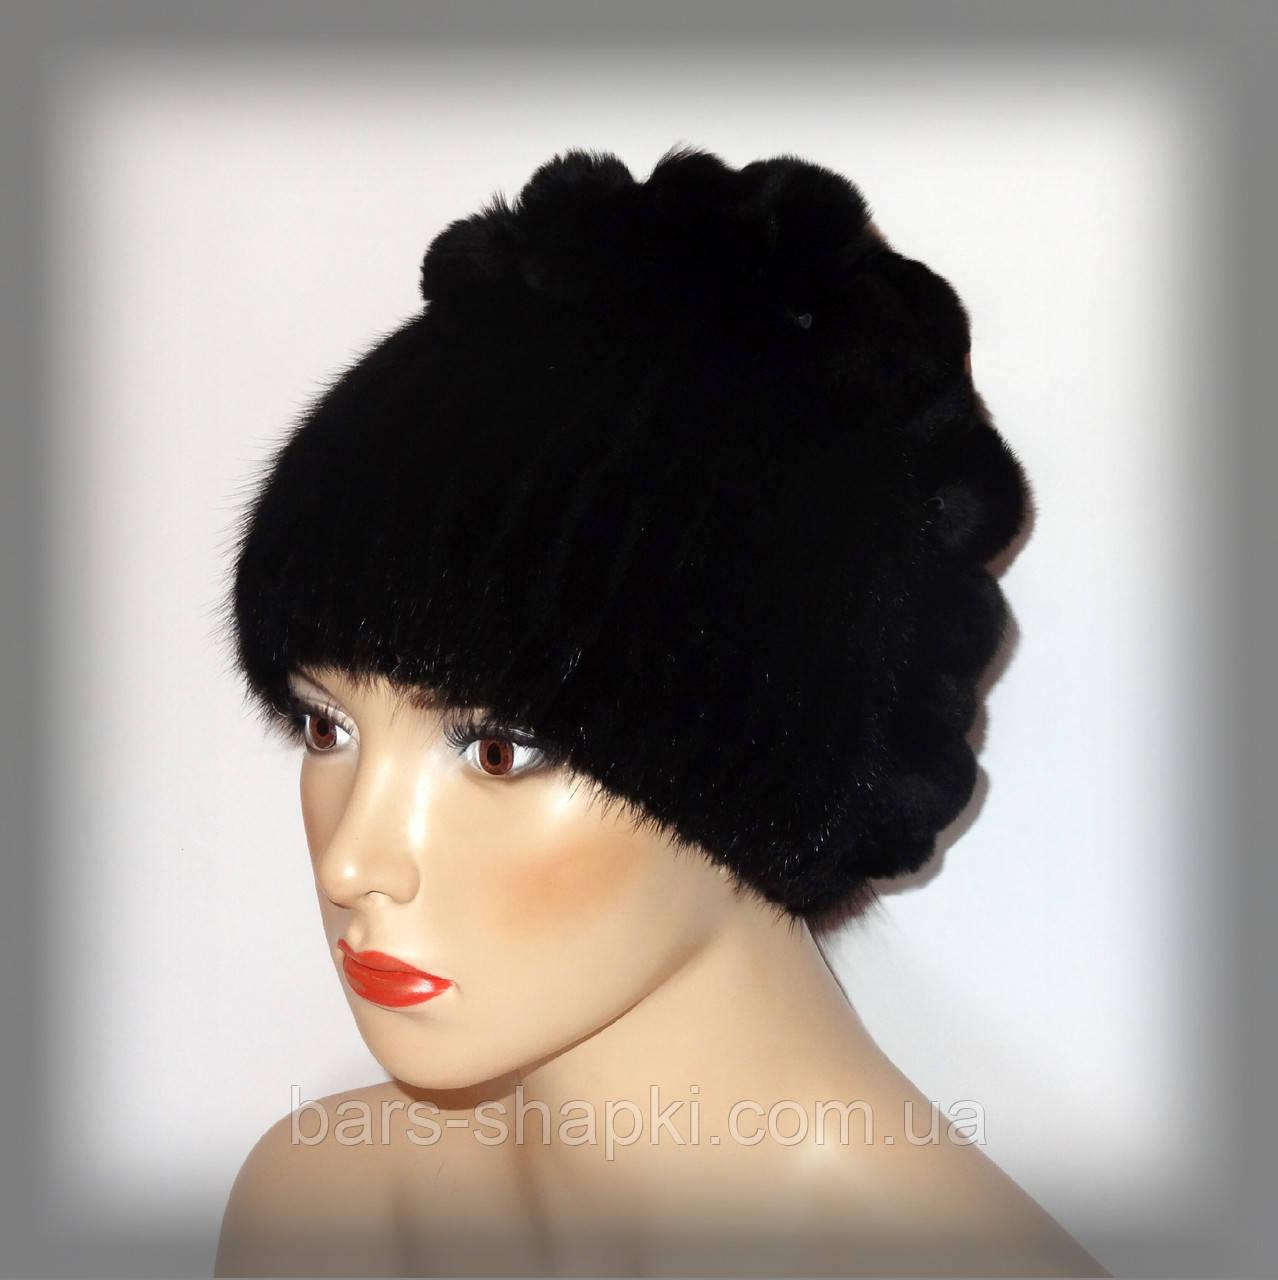 Женская меховая шапка из ондатры, комбинированная с Rex Rabbit